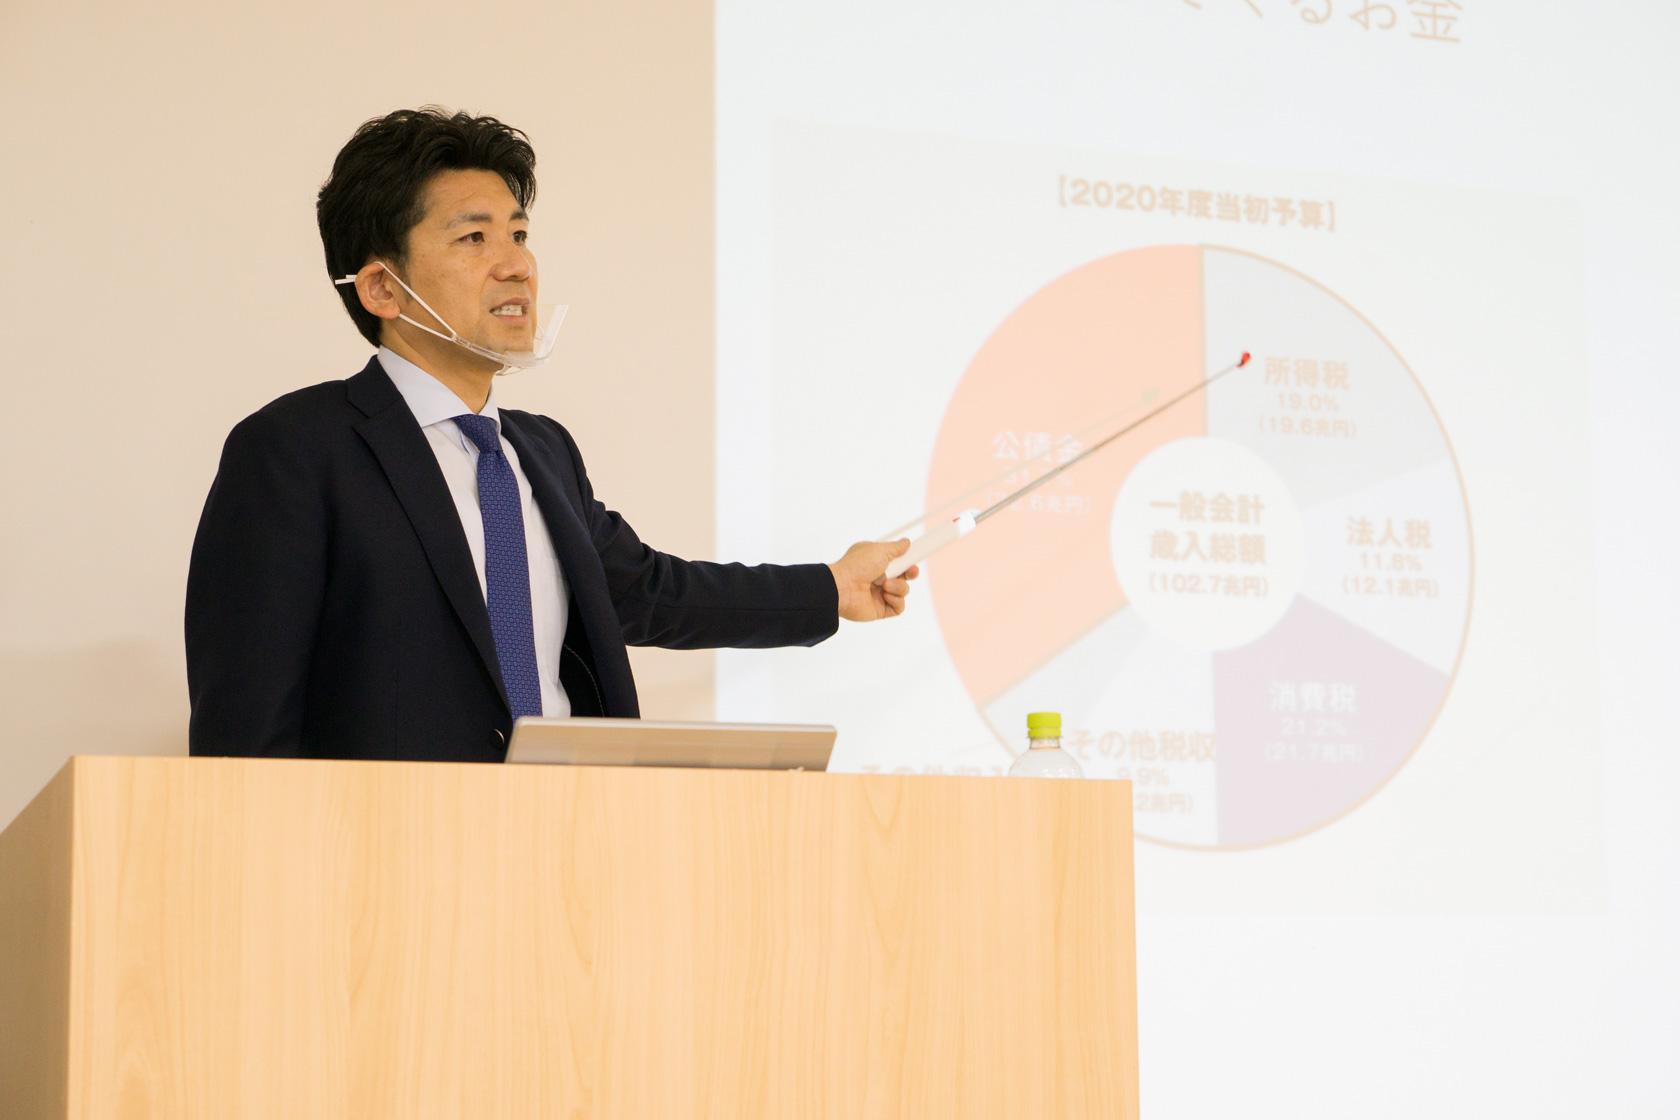 ファイナンシャルプランナーのマネー講座・投資教育講演